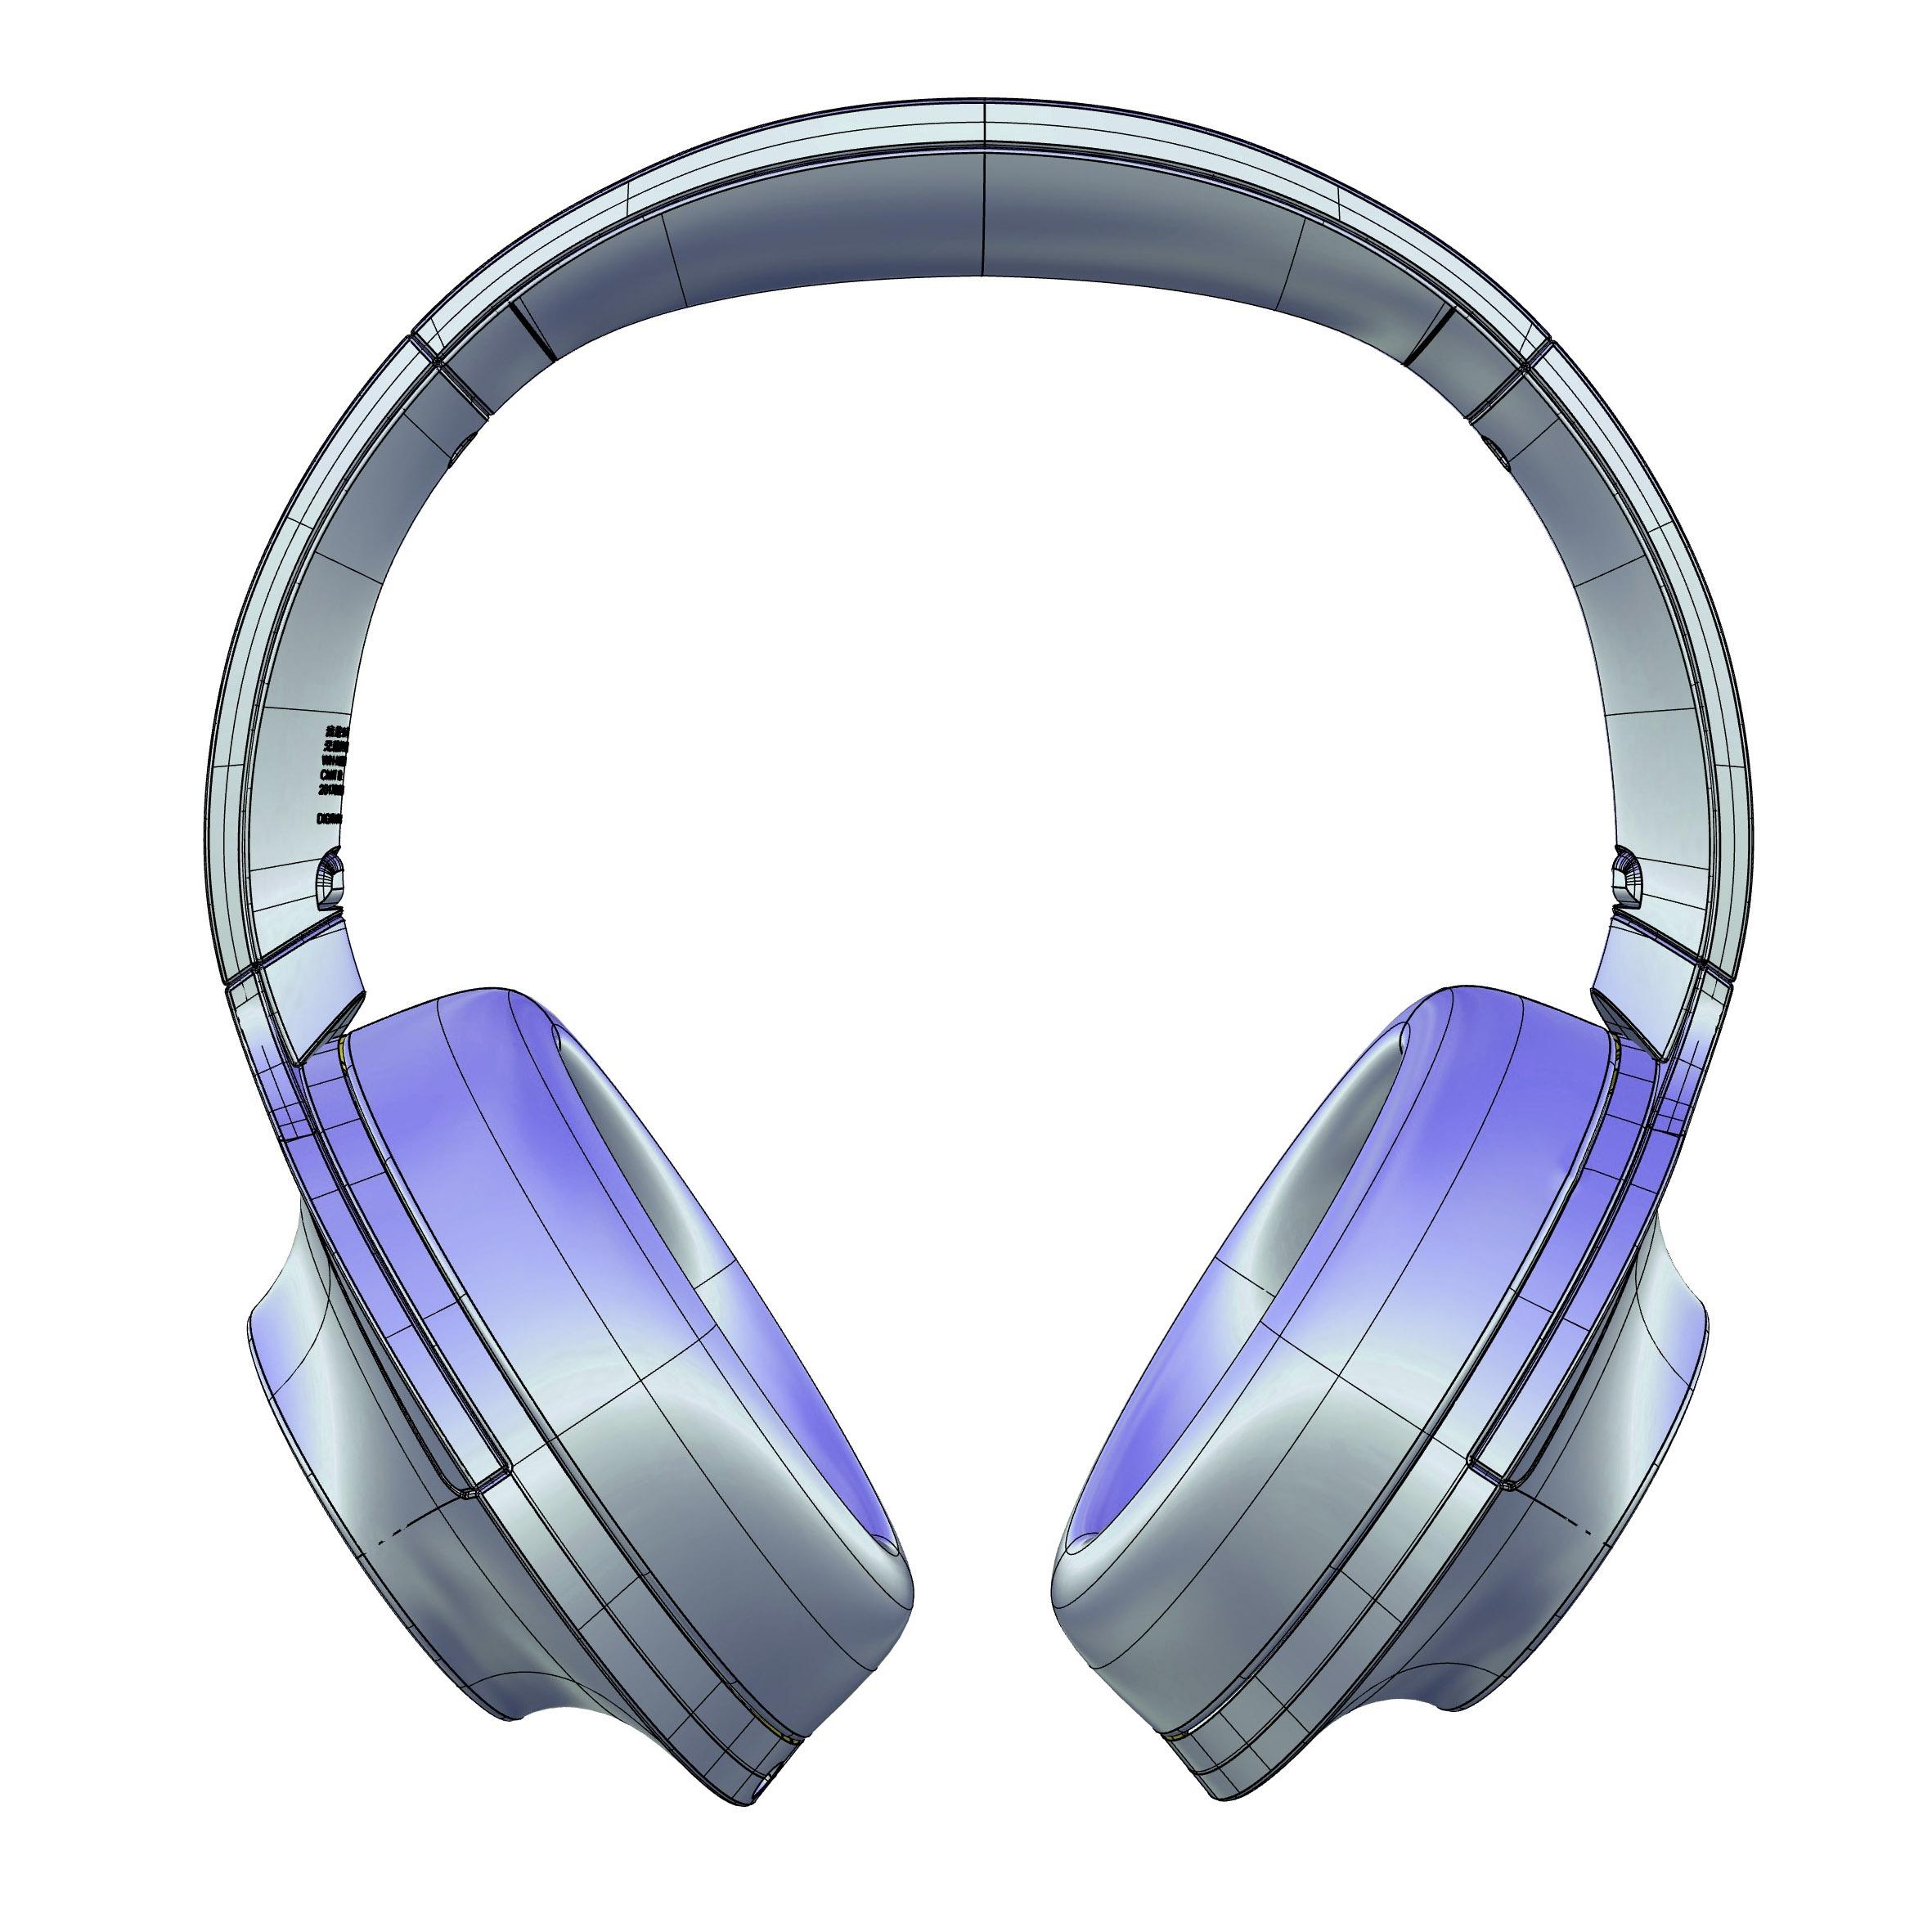 3D建模高级A面产品模型工业设计产品设计外观设计外形设计